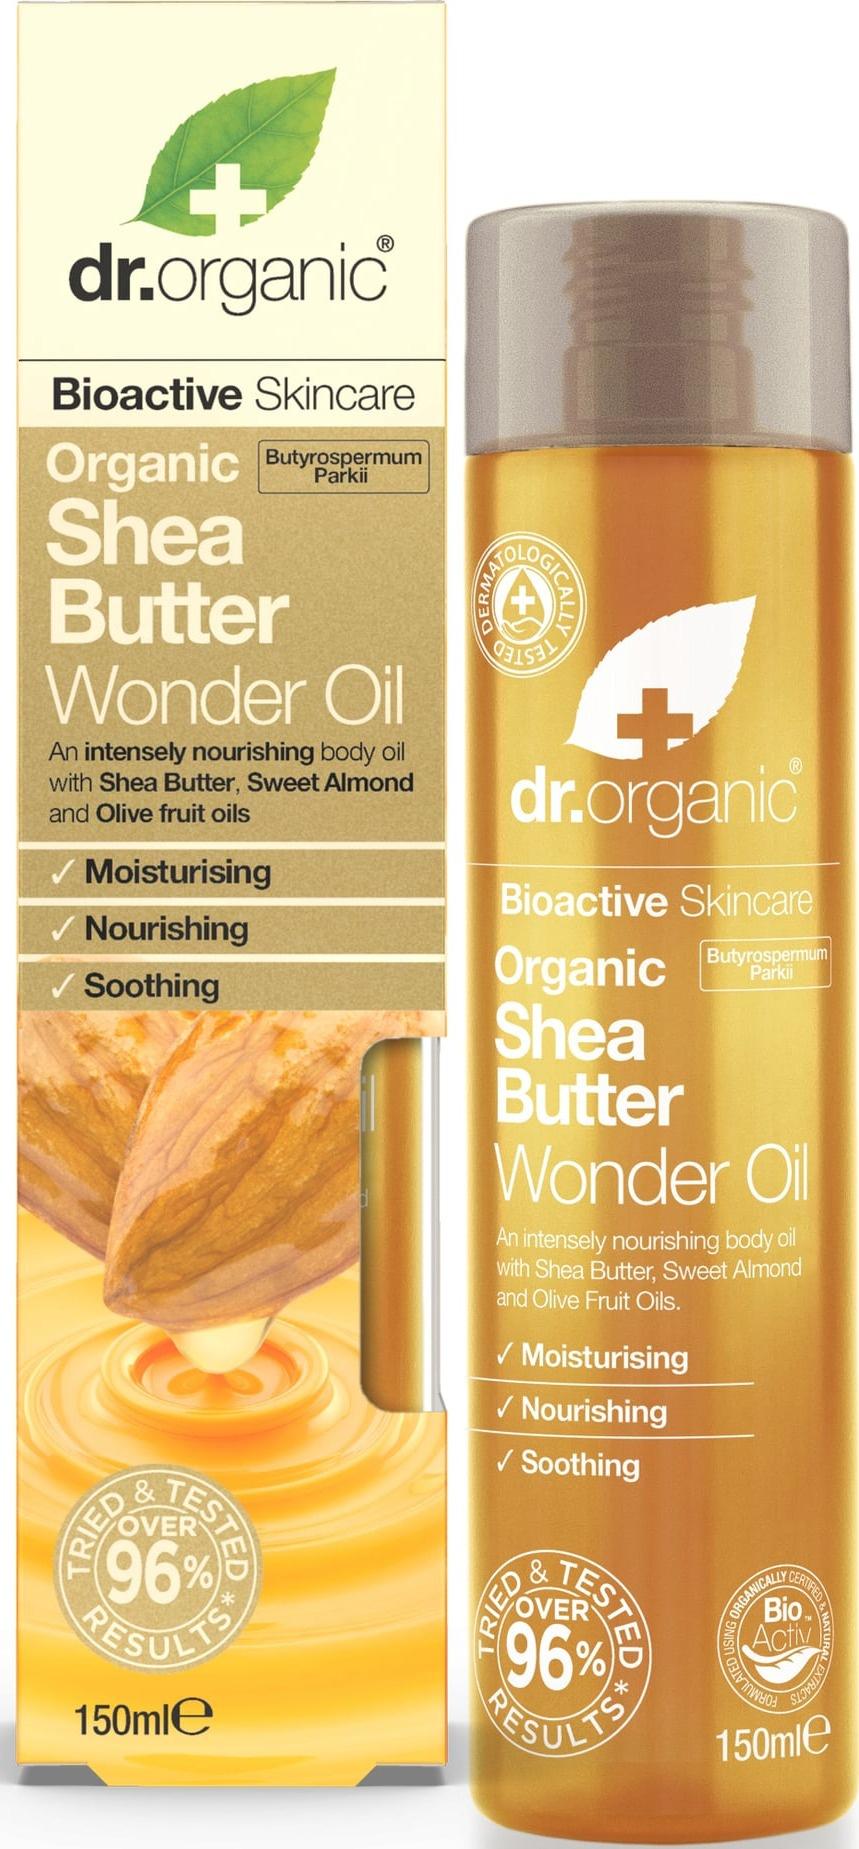 Dr Organic Shea Butter Wonder Oil